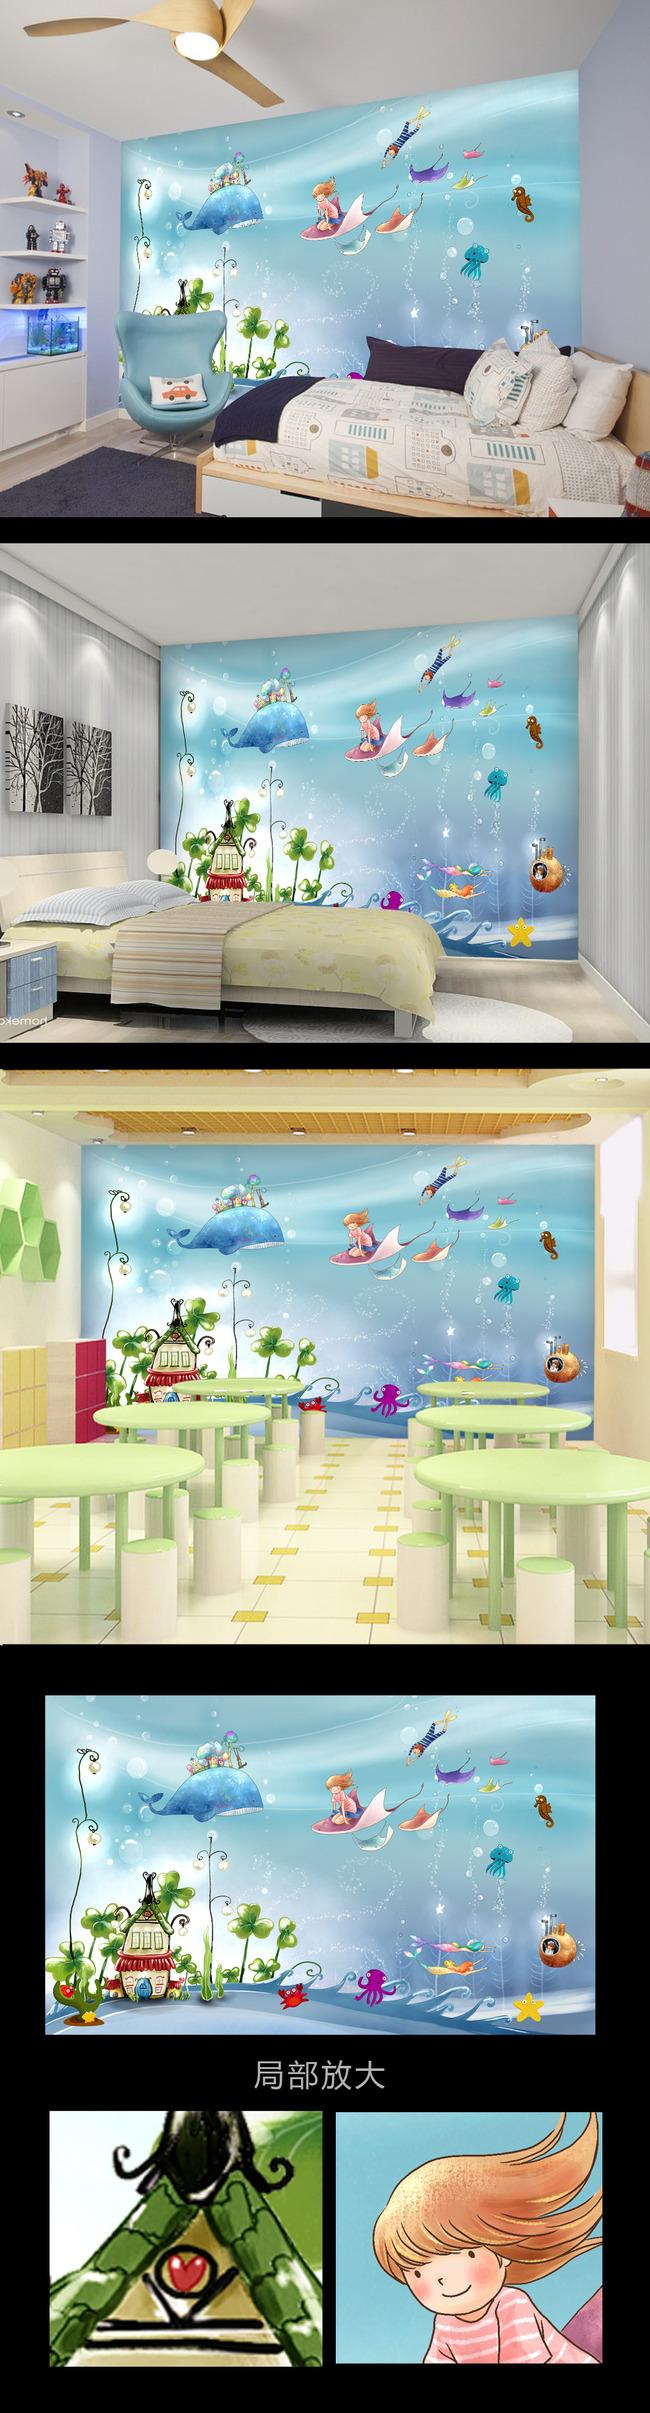 儿童房手绘沙滩螃蟹